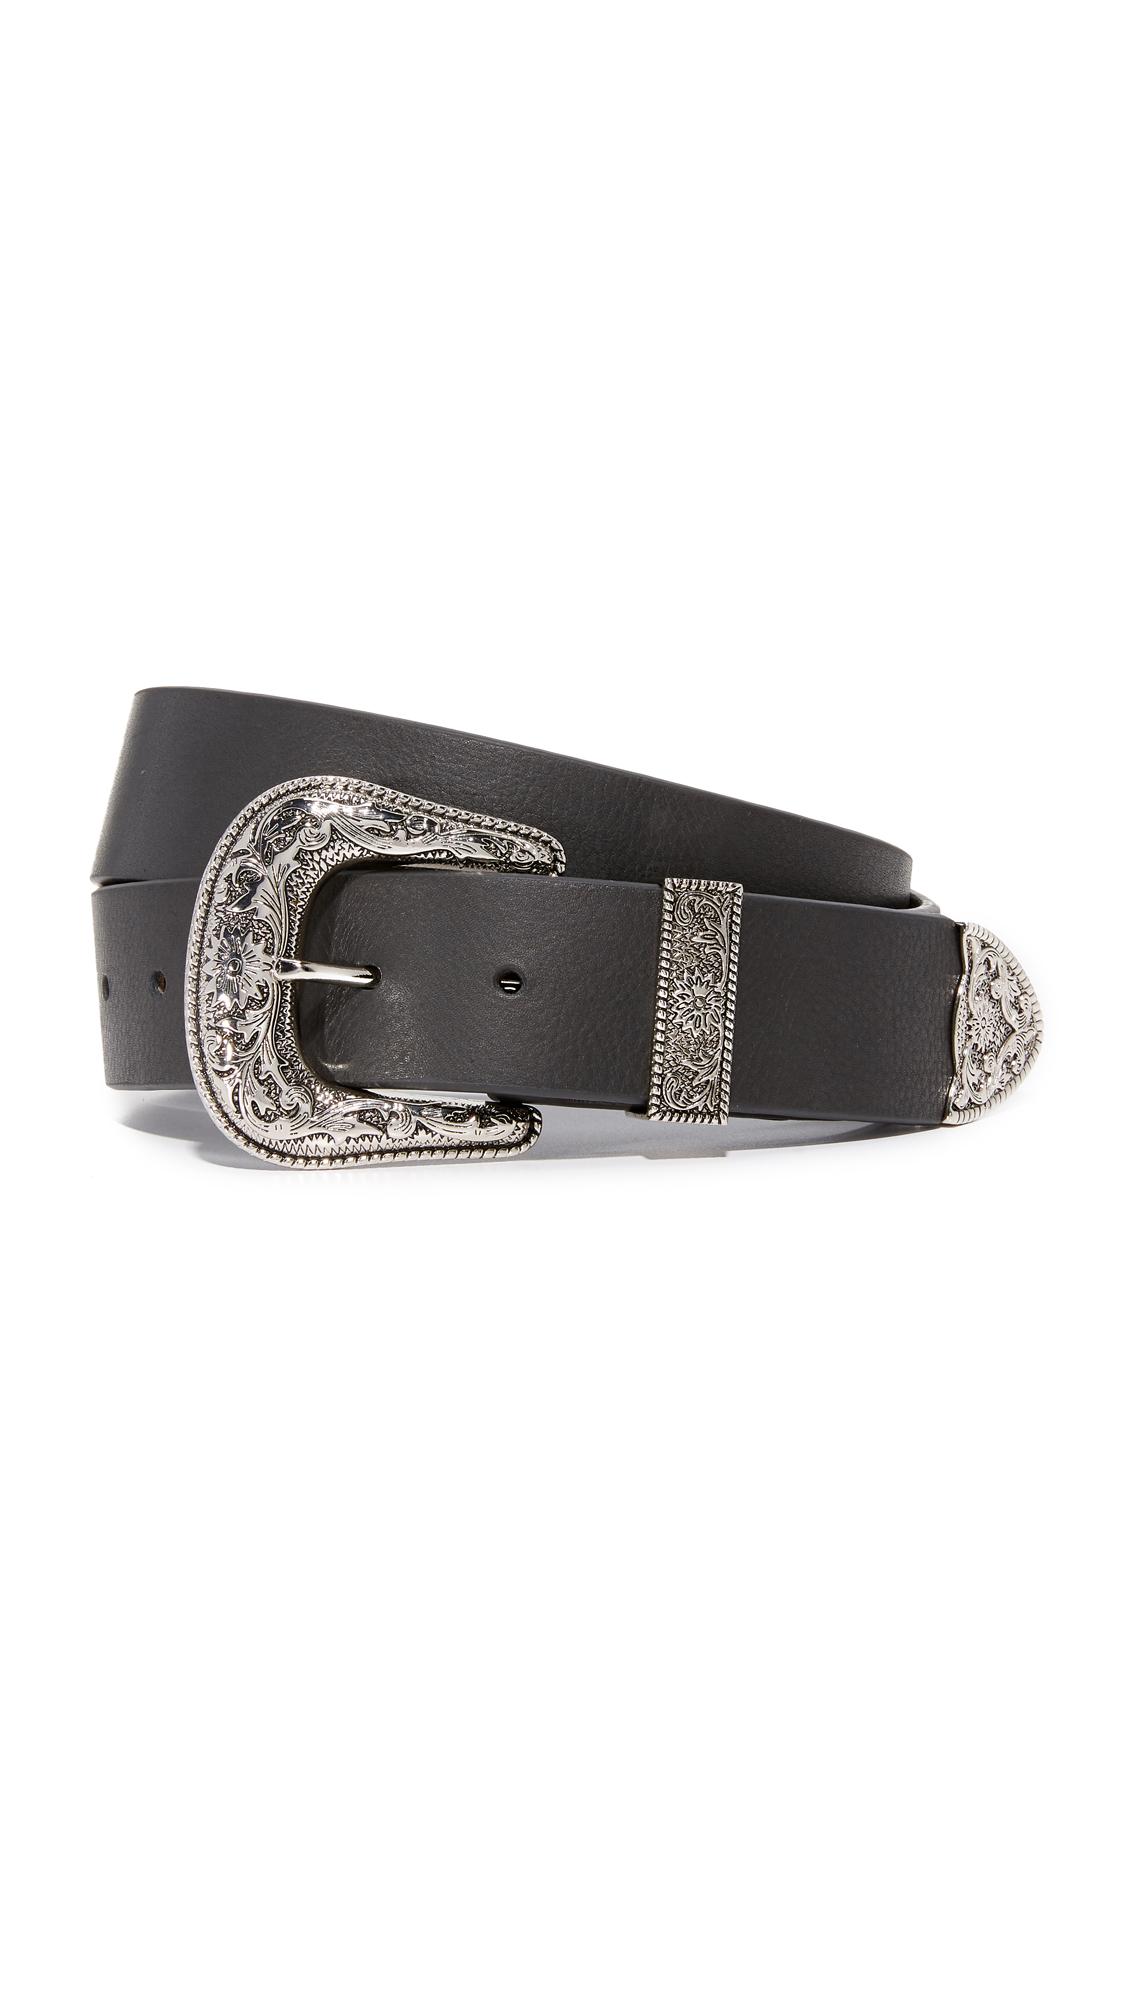 B-Low The Belt Frank Belt - Black/Silver